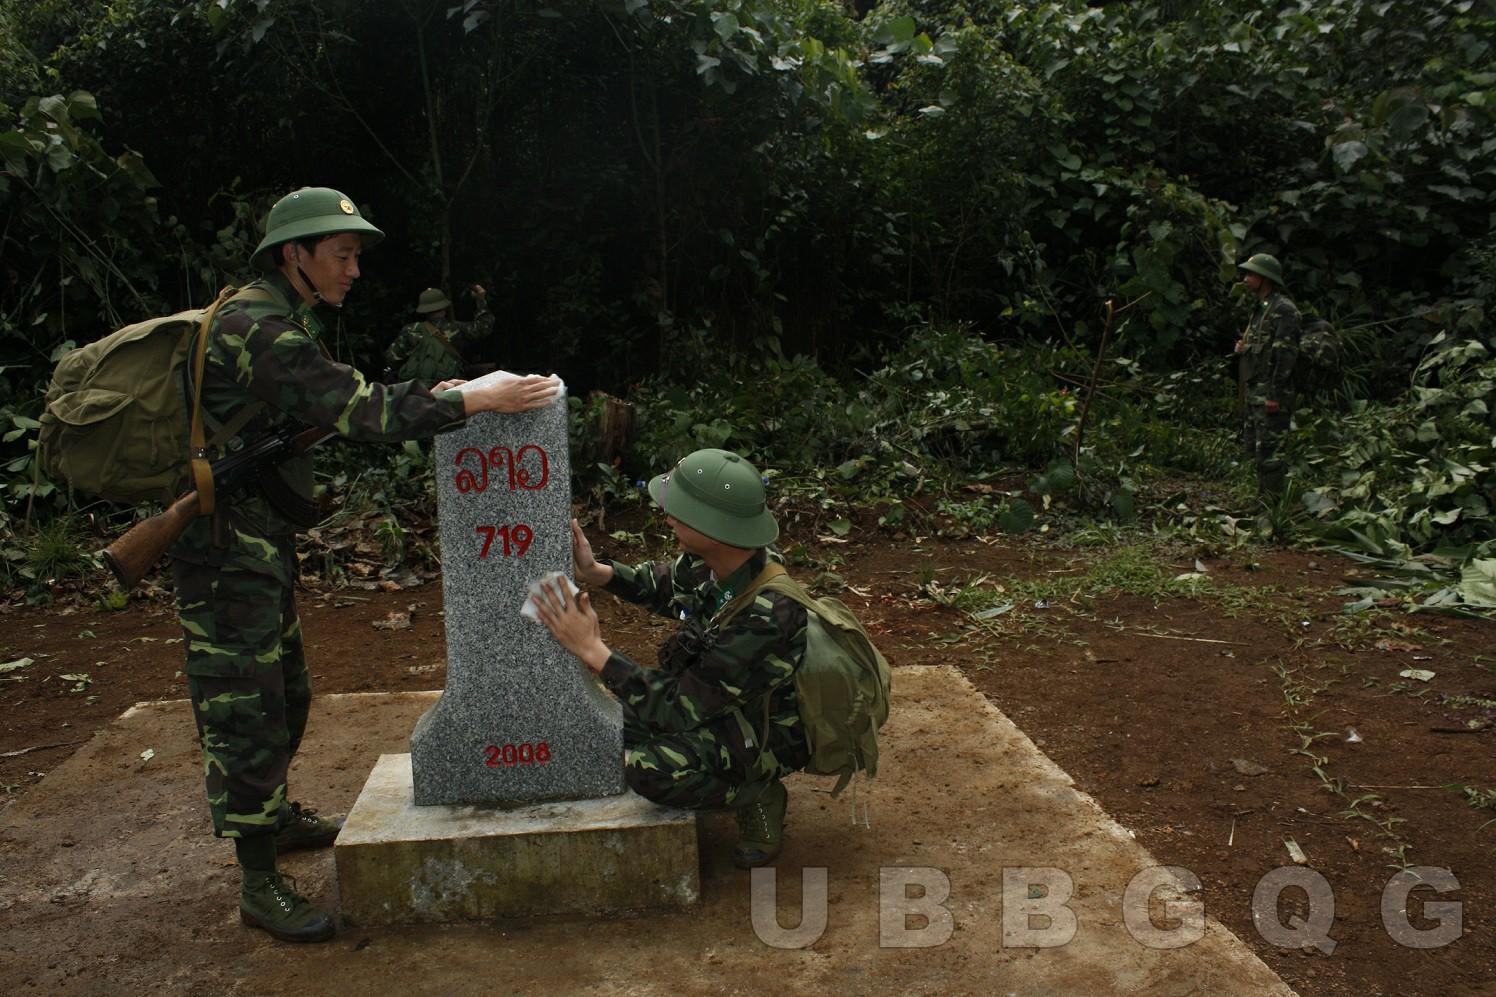 Chiến sỹ biên phòng đang thực hiện bảo dưỡng, cột mốc số 719 trong quá trình tuần tra, thuộc tỉnh Quảng Nam – Xê Kông.